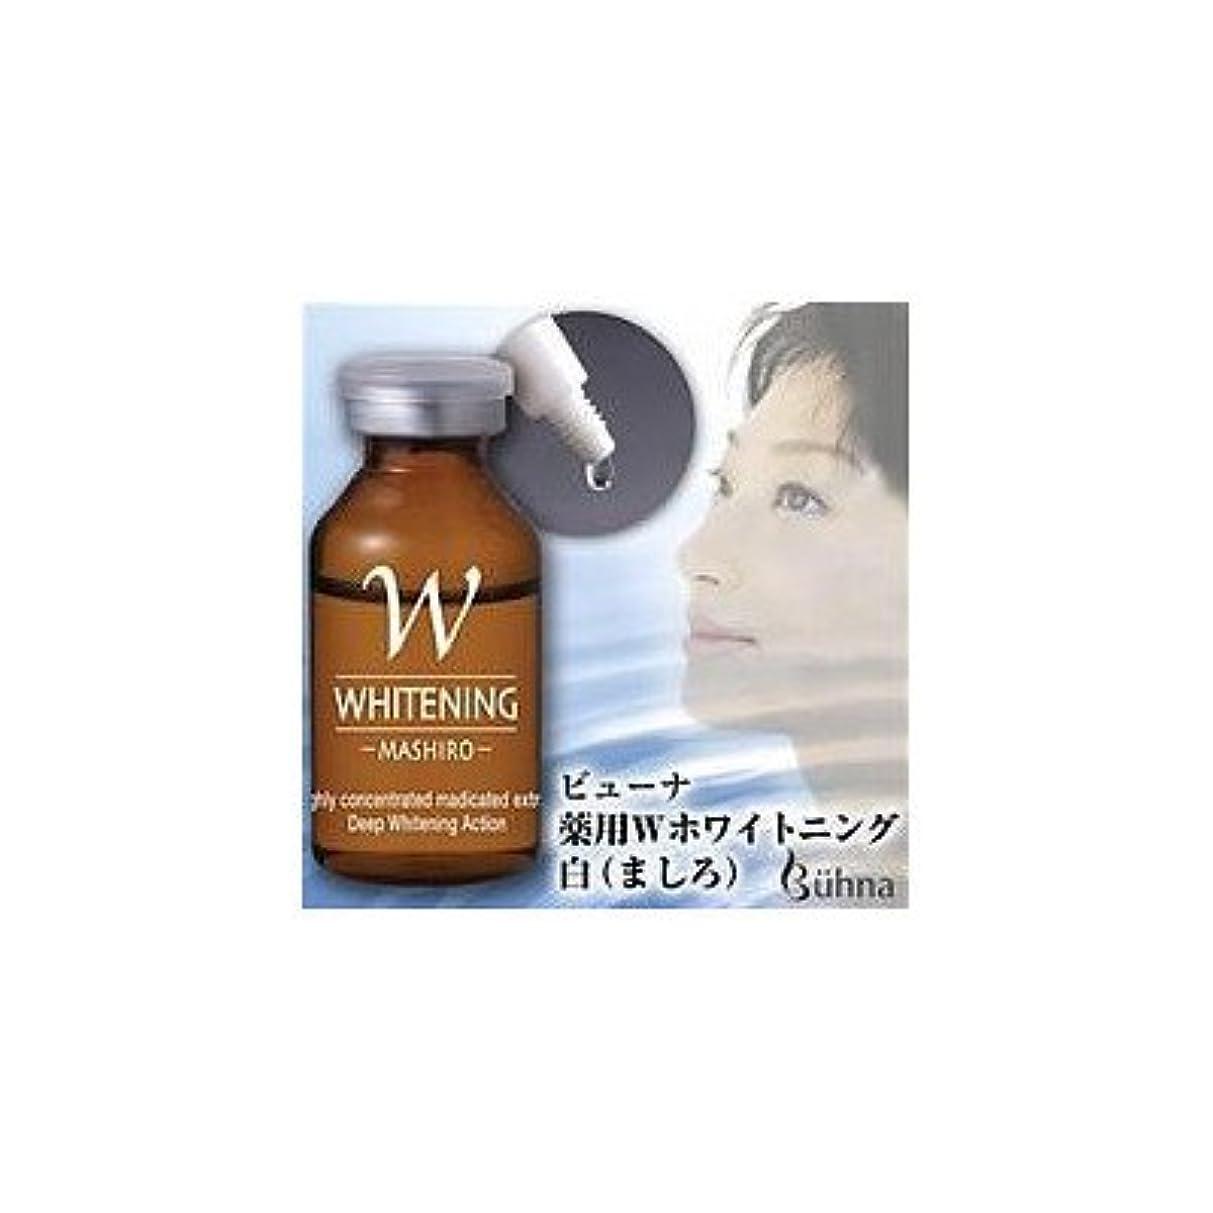 リラックス成熟証書翌朝の肌で感じる美肌力 ビューナ 薬用Wホワイトニング 白